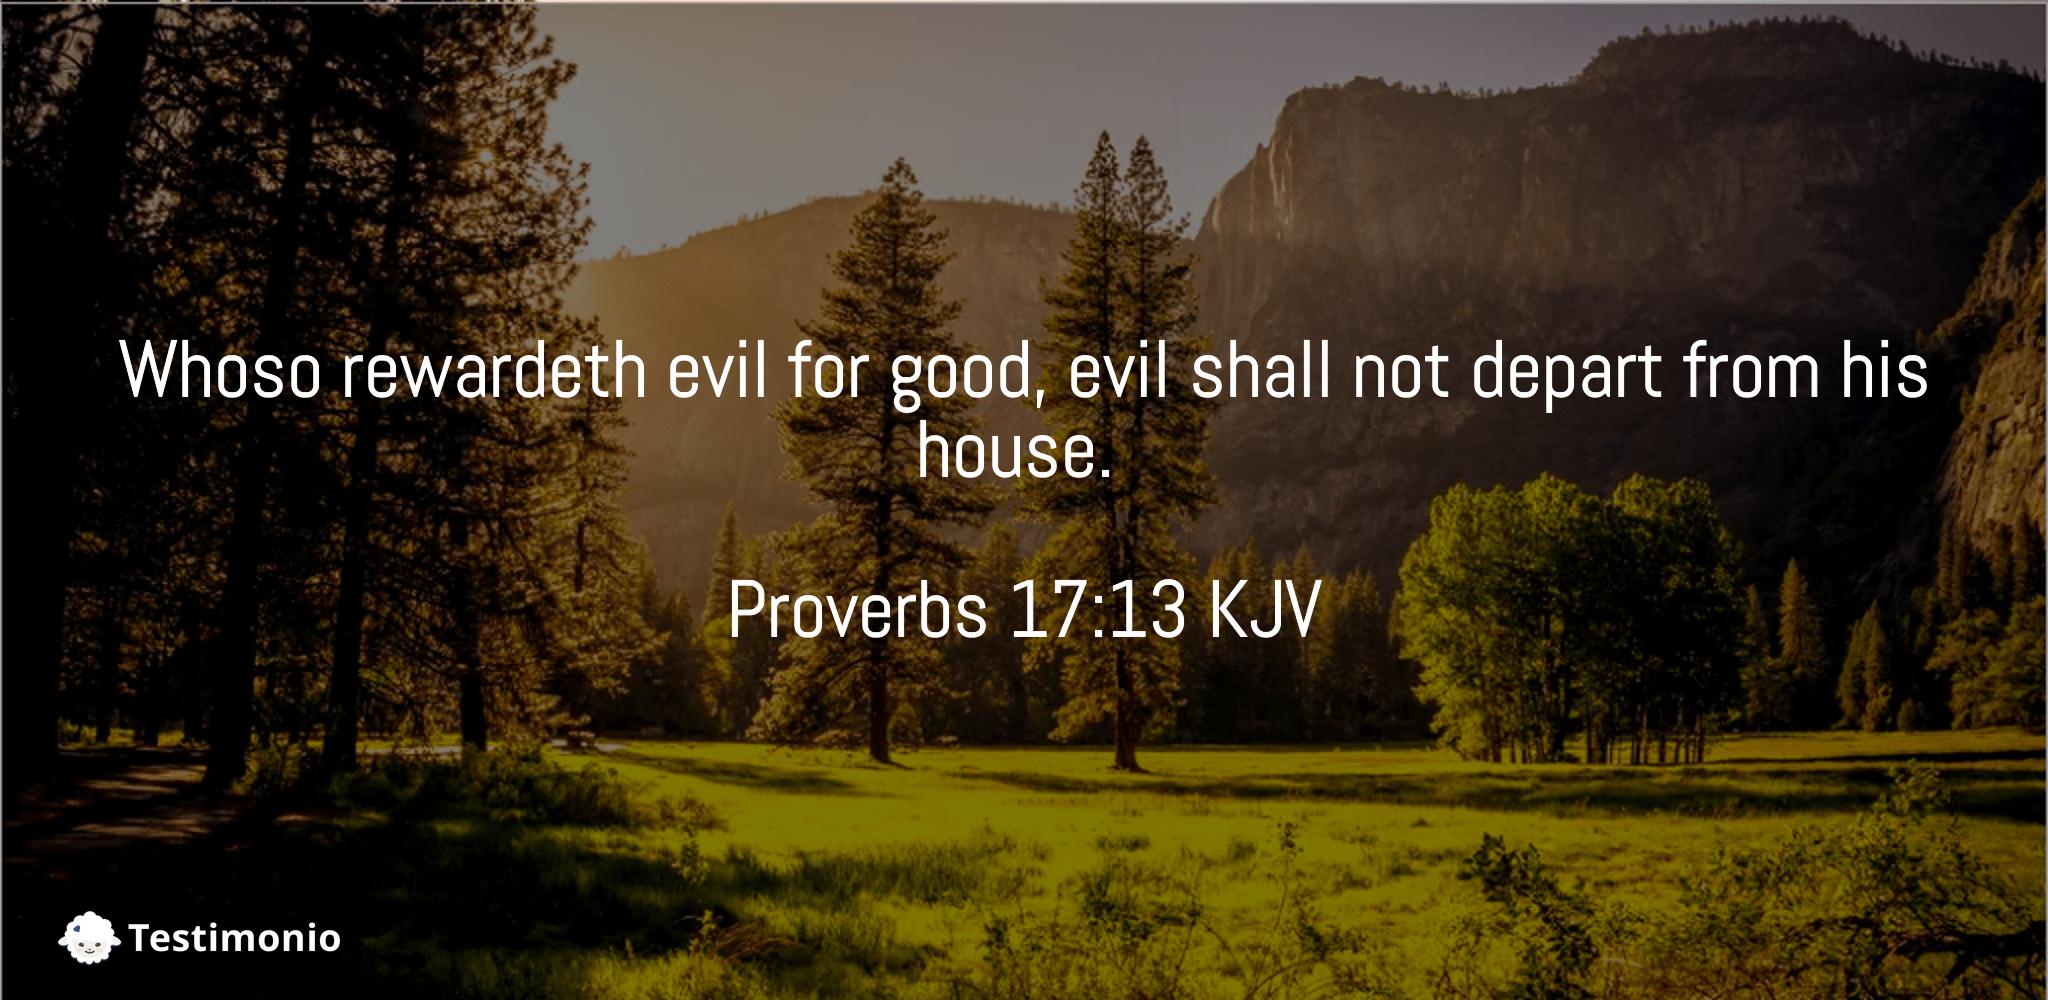 Proverbs 17:13